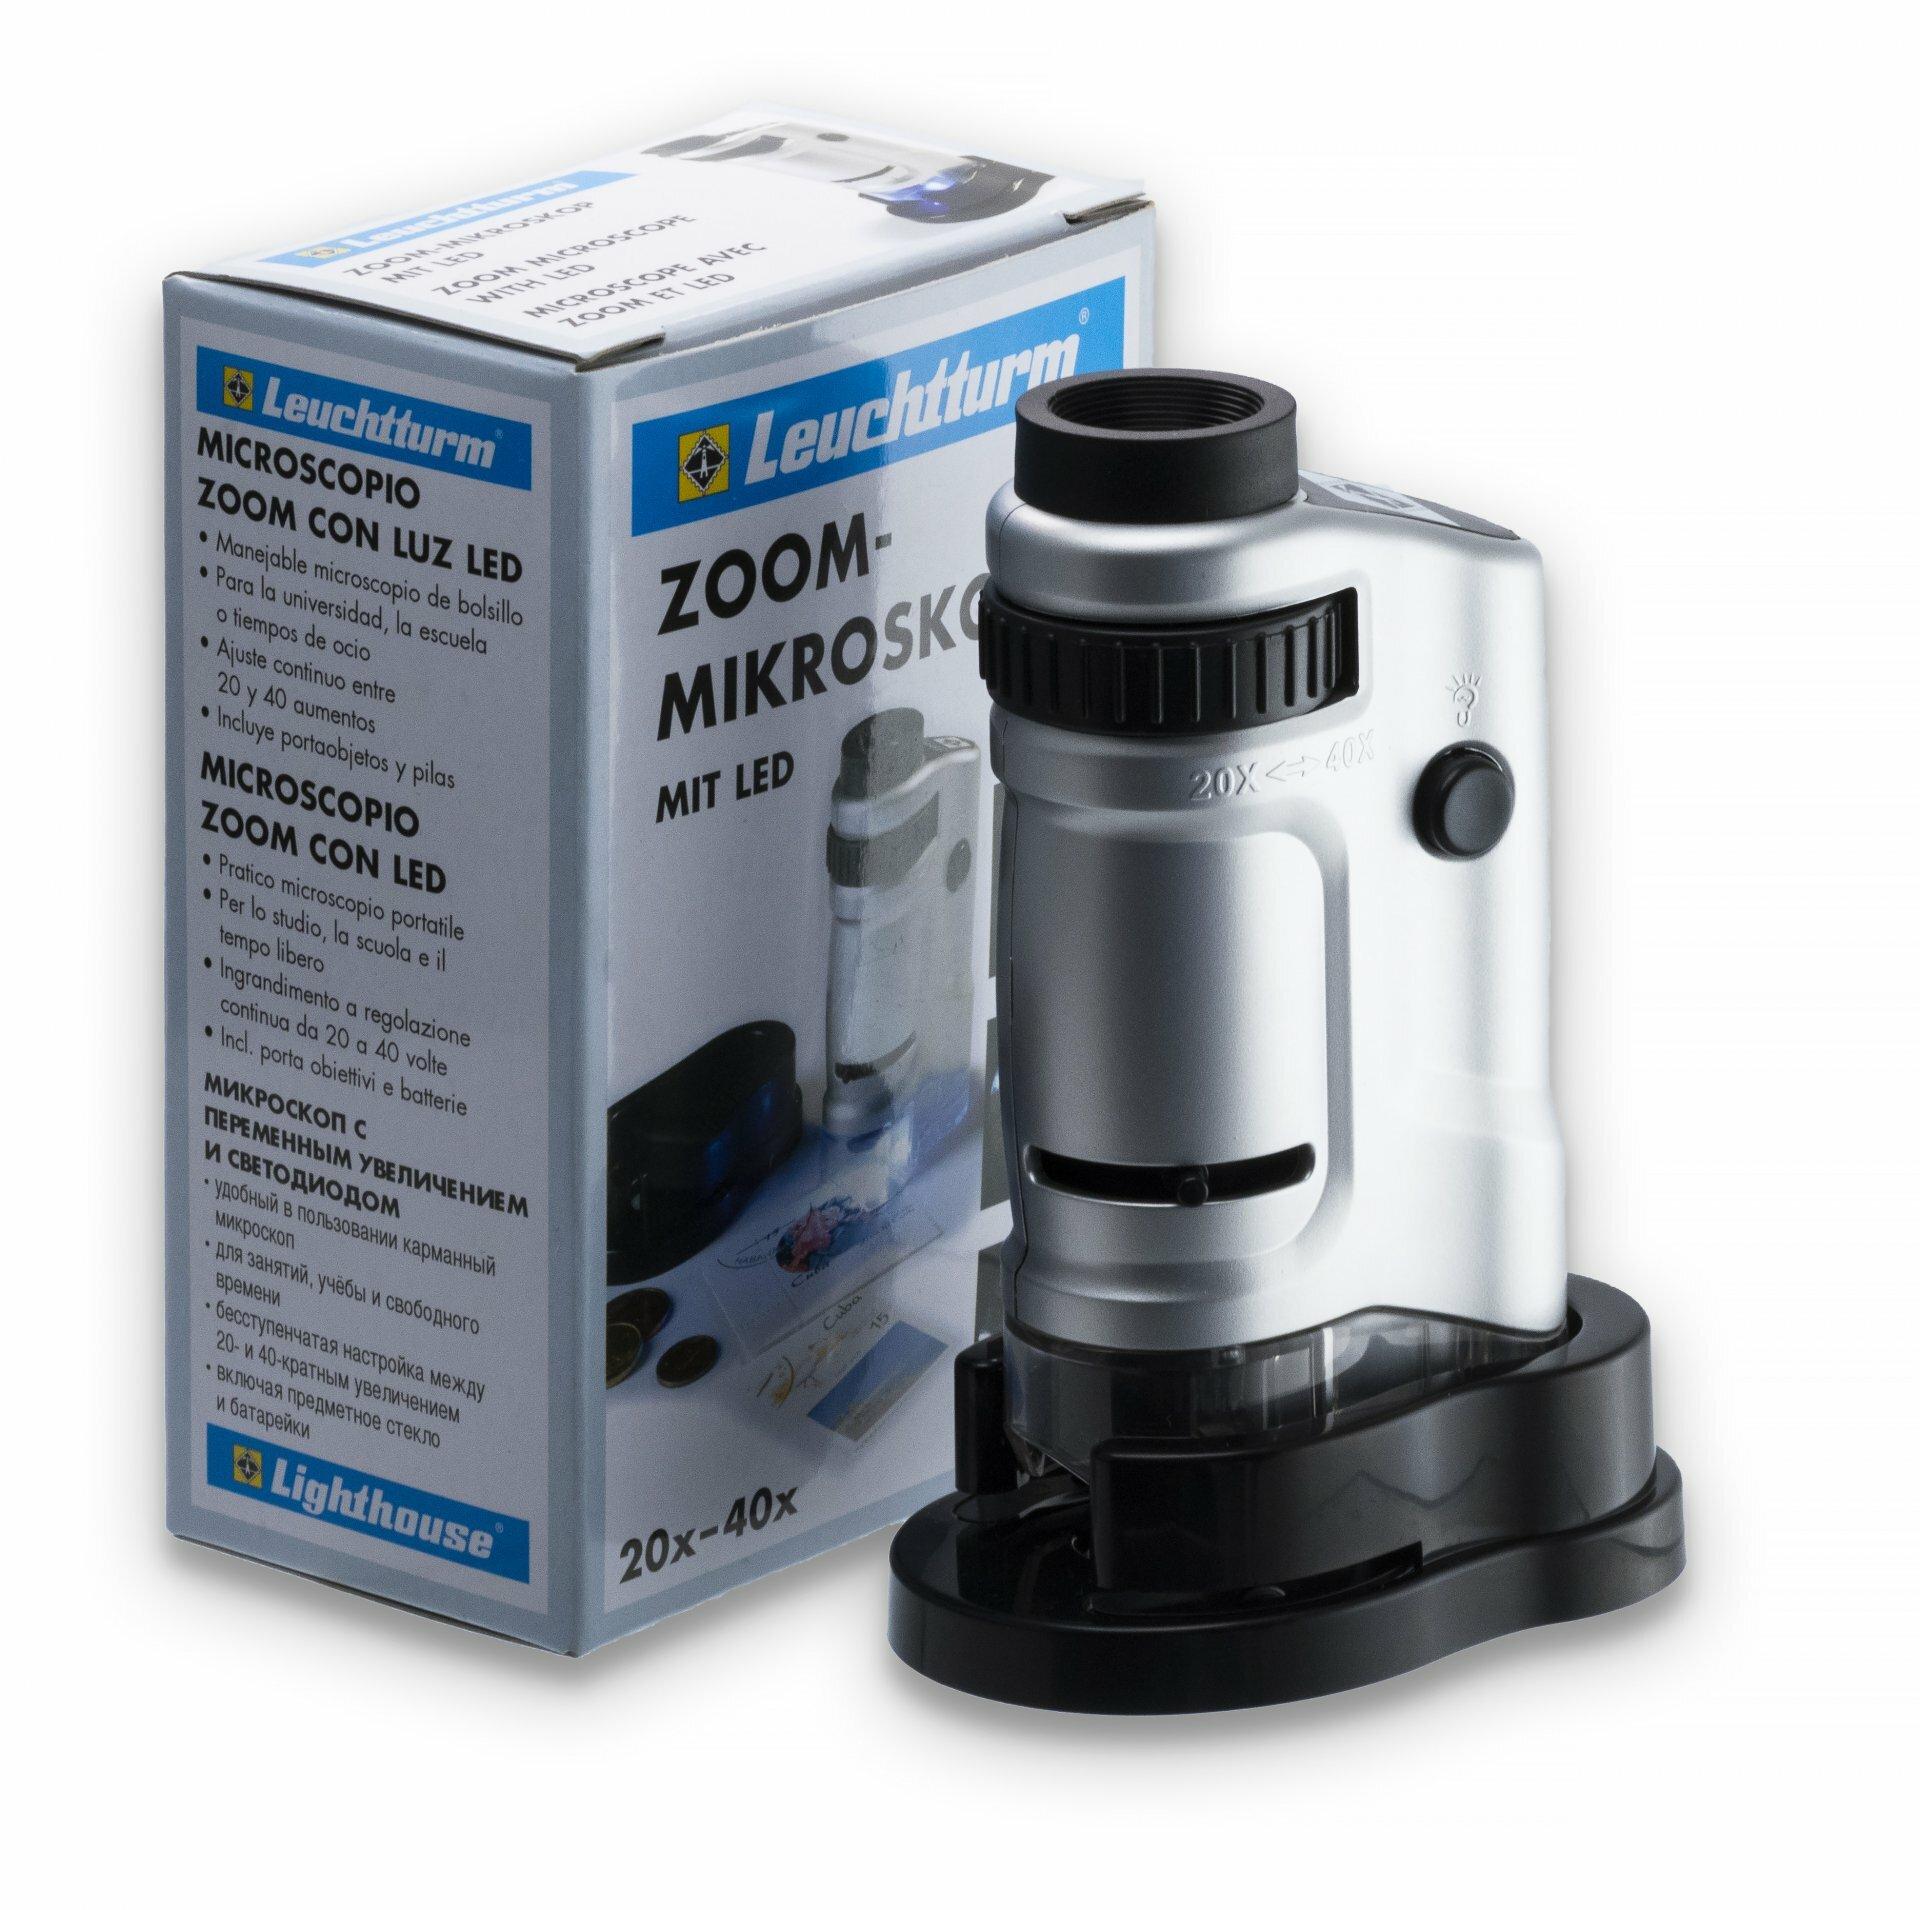 Микроскоп Leuchtturm 40-кратное увеличение, с подсветкой Z423201